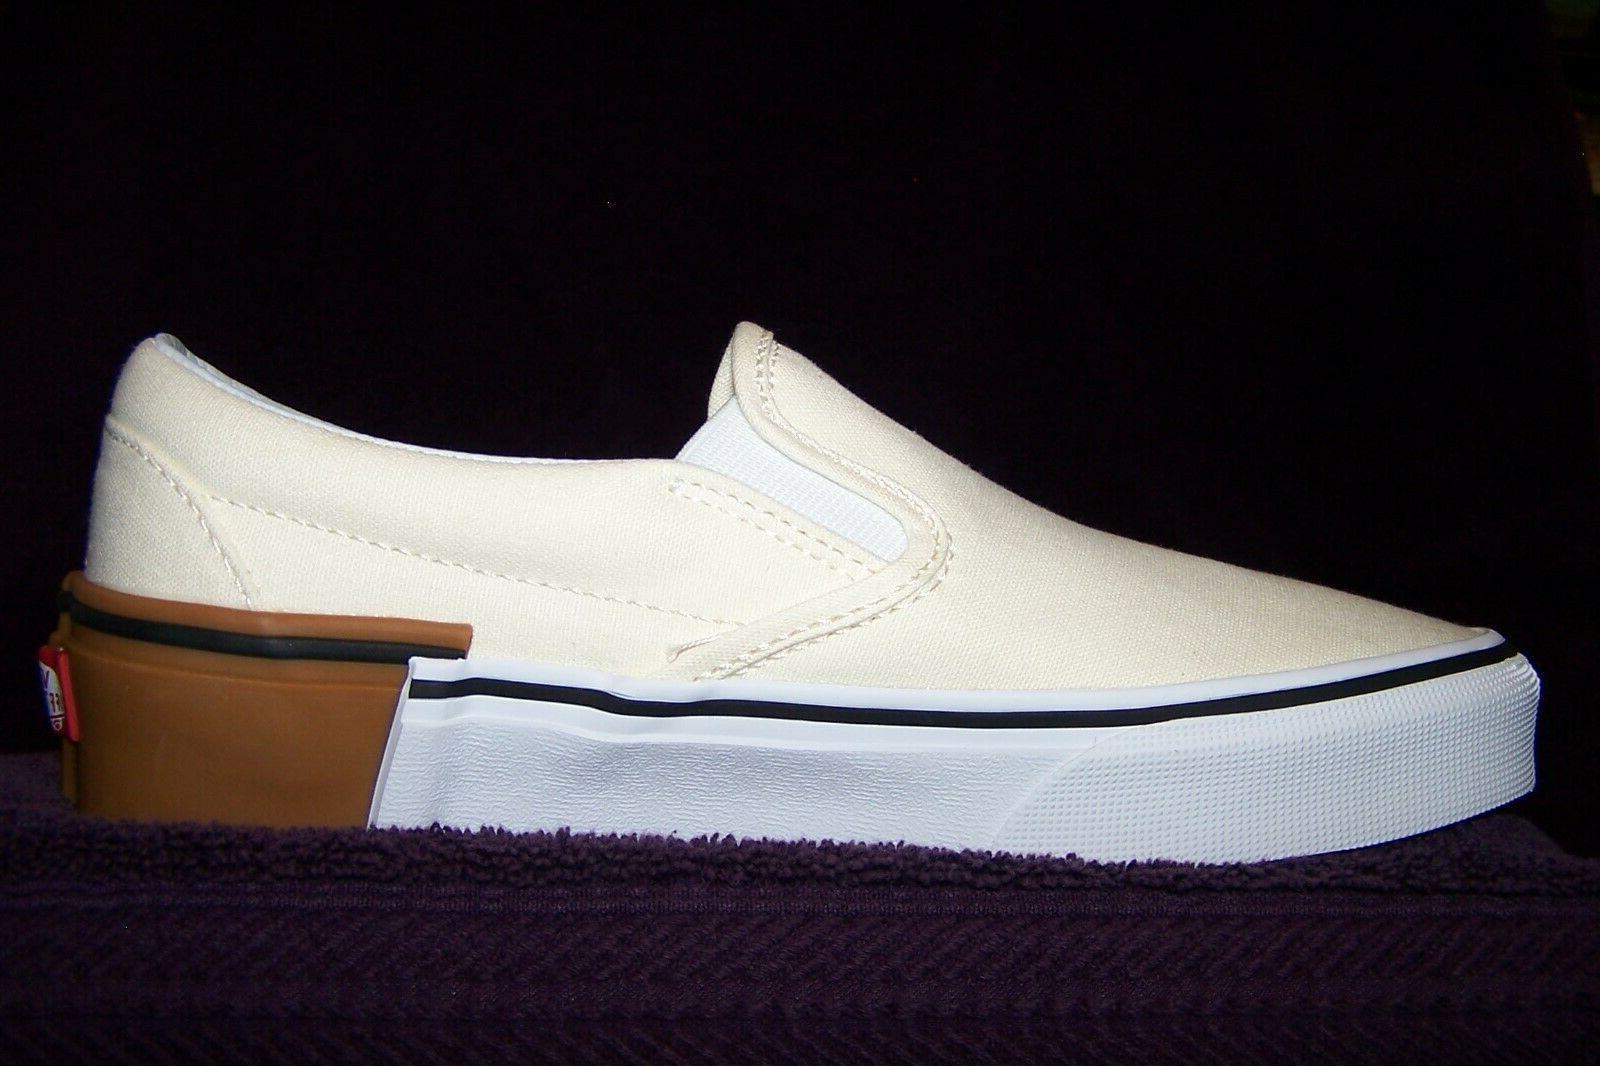 VANS Classic Slip-On Men's Skate Shoes NIB! SWEET!